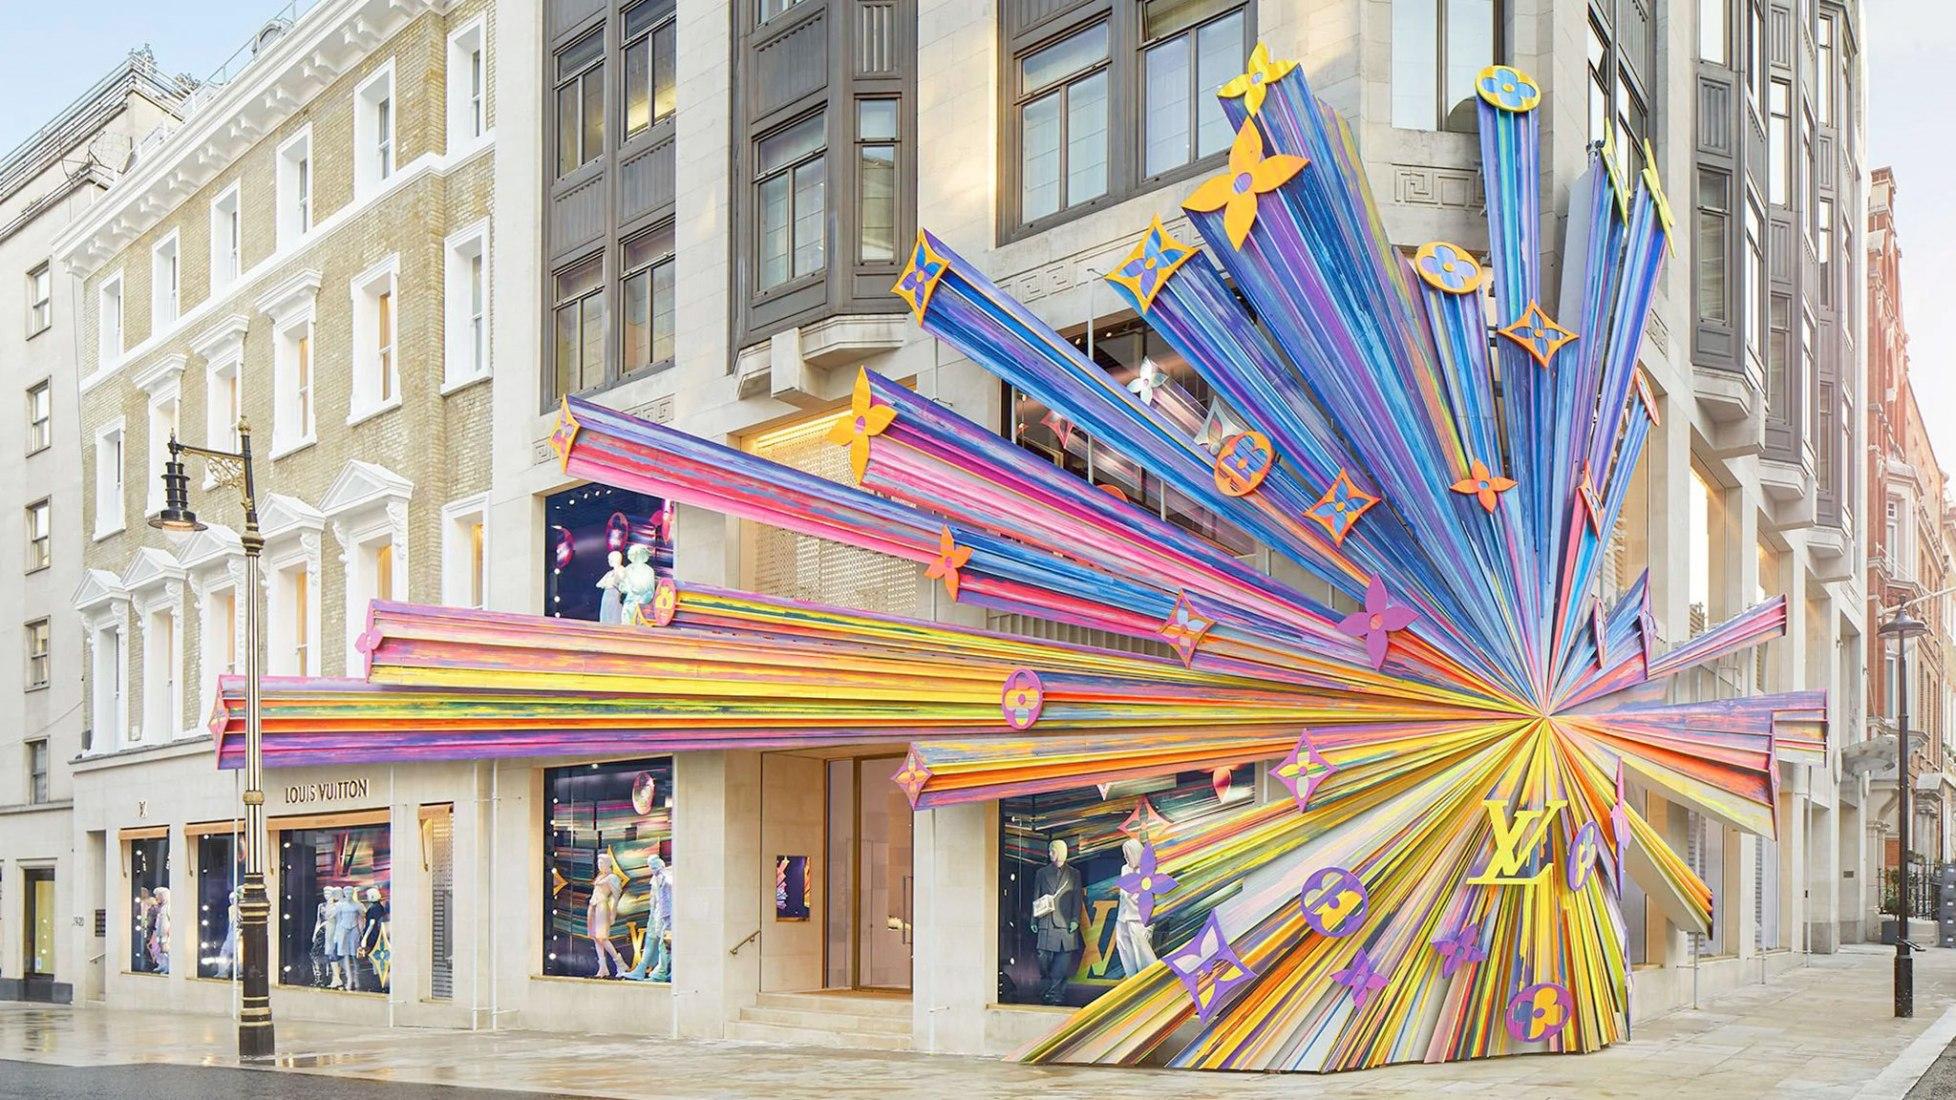 La tienda insignia de Louis Vuitton reformada por Peter Marino. Fotografía de Stephane Muratet, cortesía de Louis Vuitton